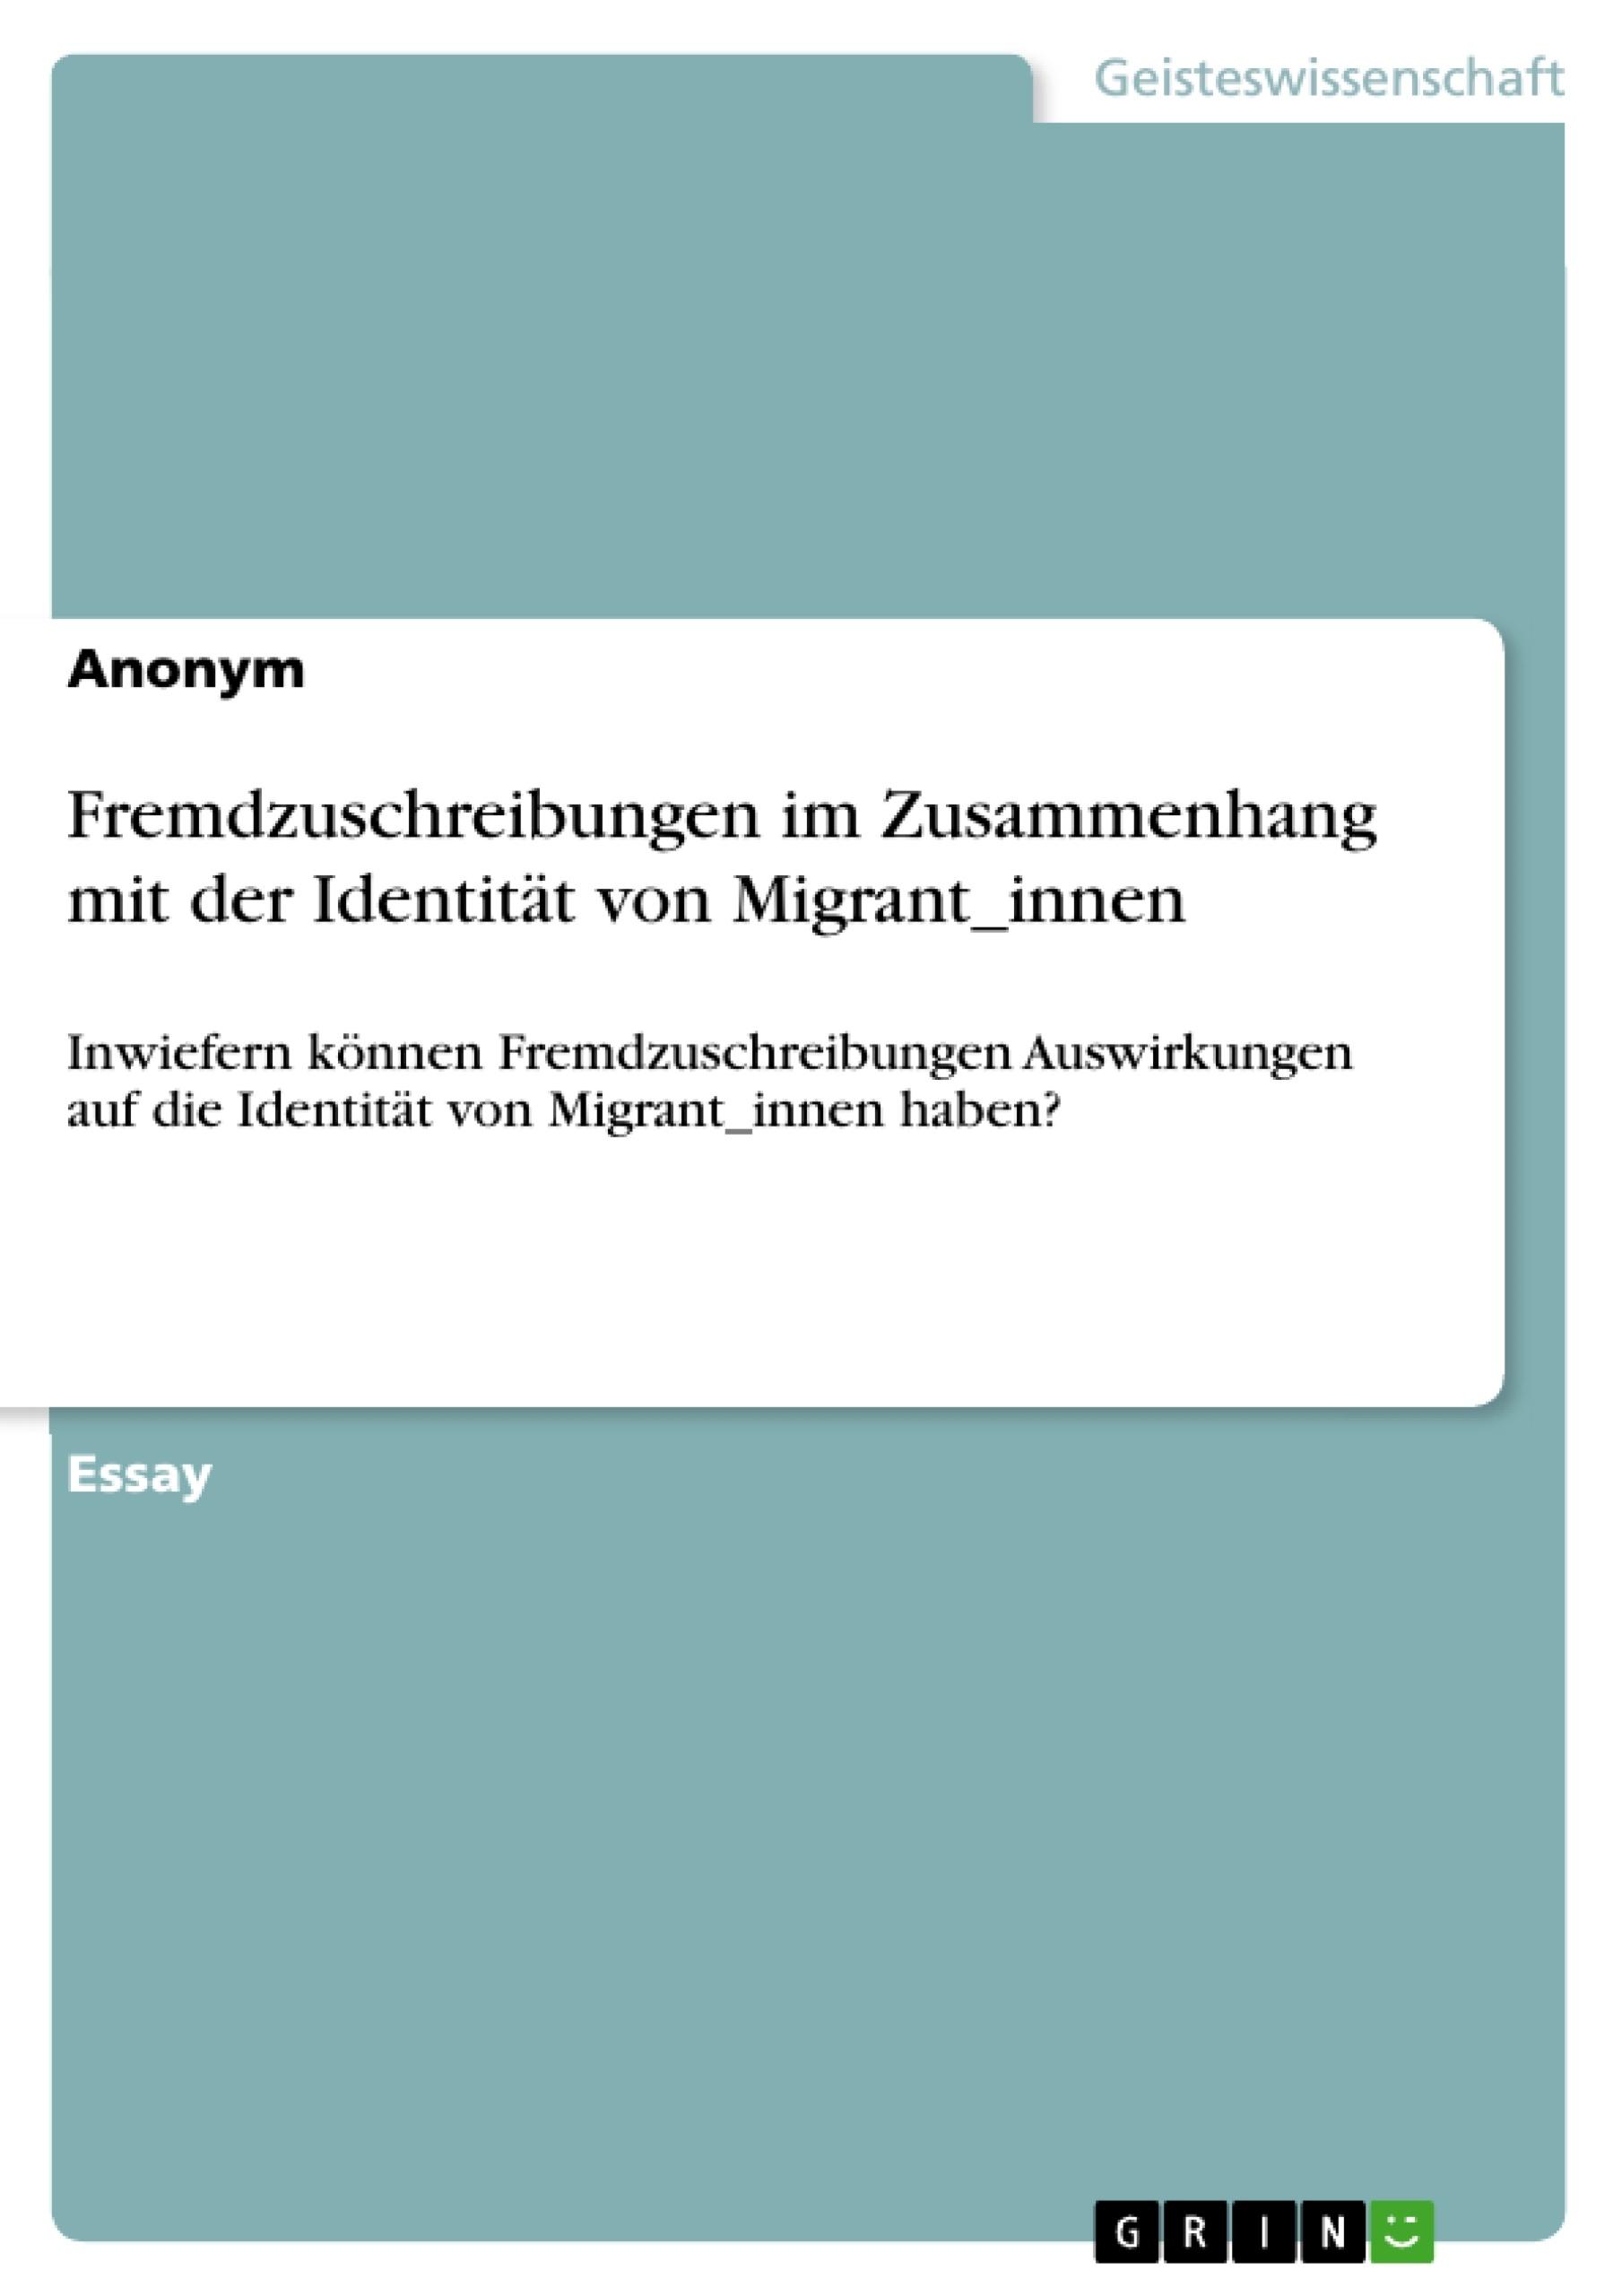 Titel: Fremdzuschreibungen im Zusammenhang mit der Identität von Migrant_innen